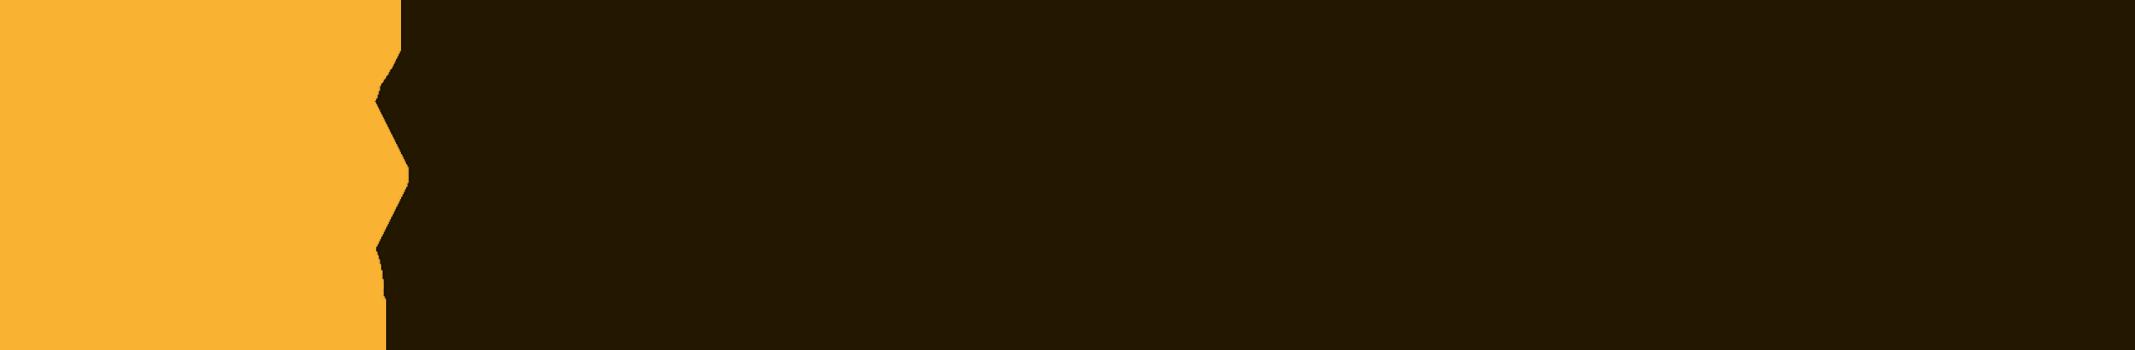 Ultrana